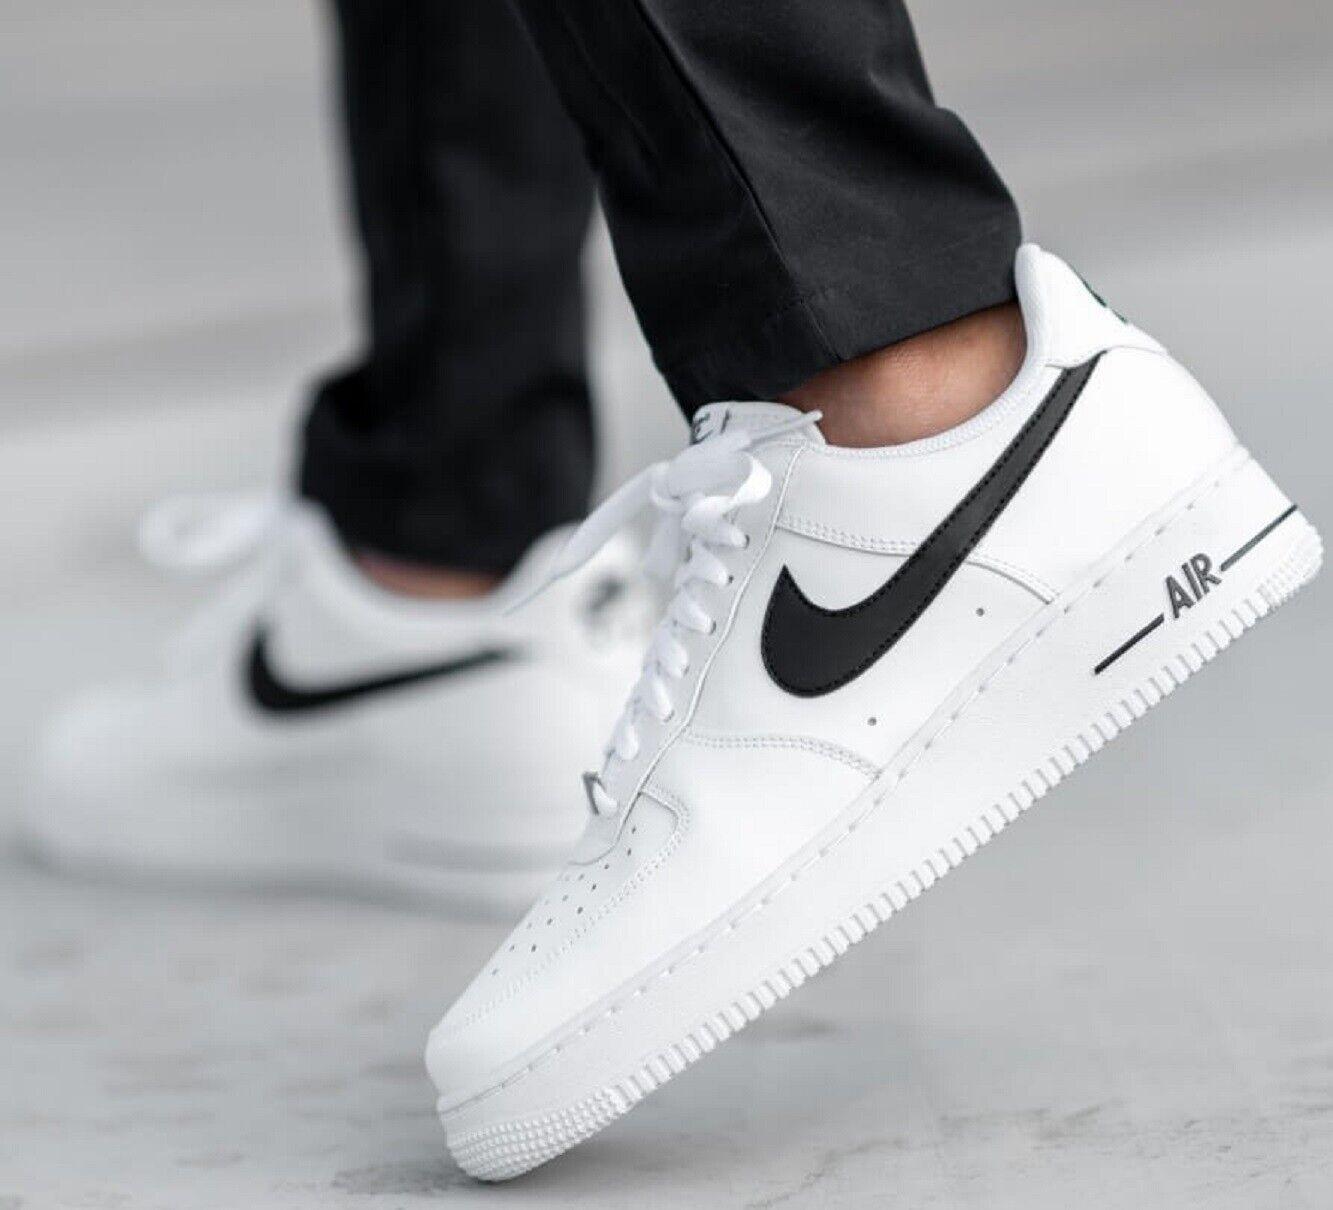 Nike Nikelab Air Force 1 Low Black White Men S Size 9 5 Mid High